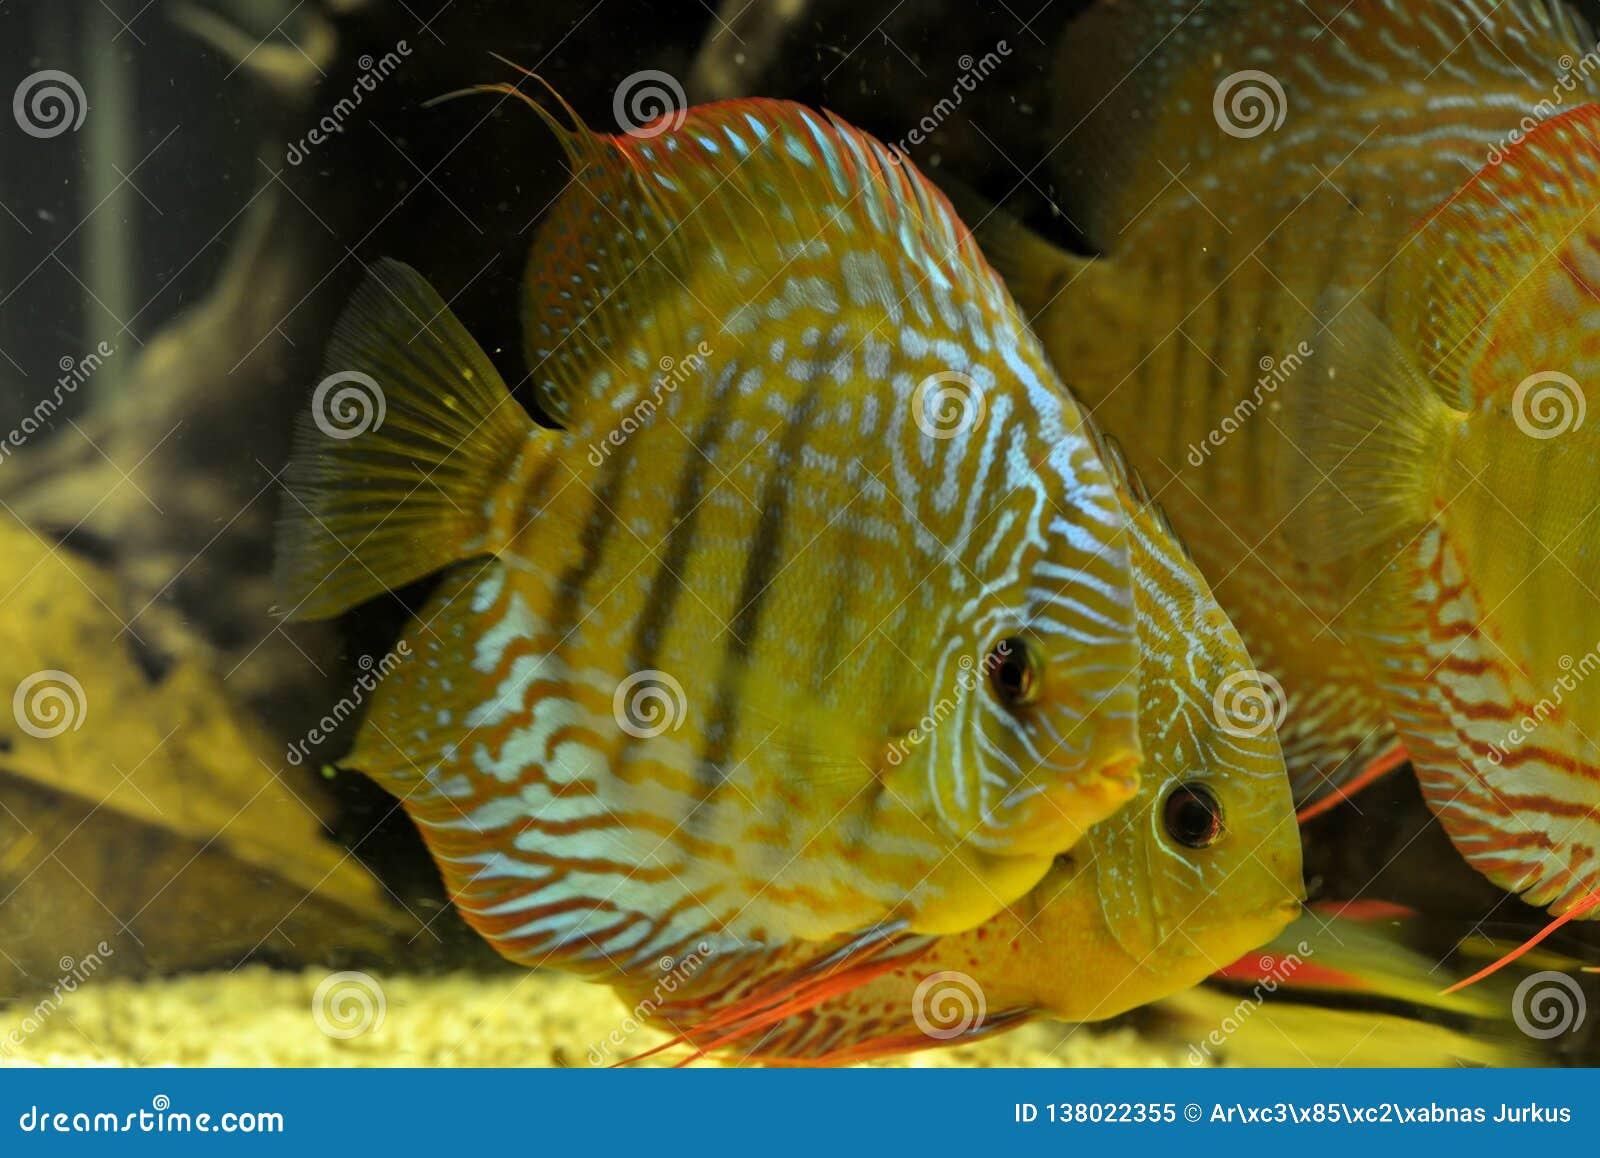 Рыбы Symphysodon Aequifasciatus диска в аквариуме